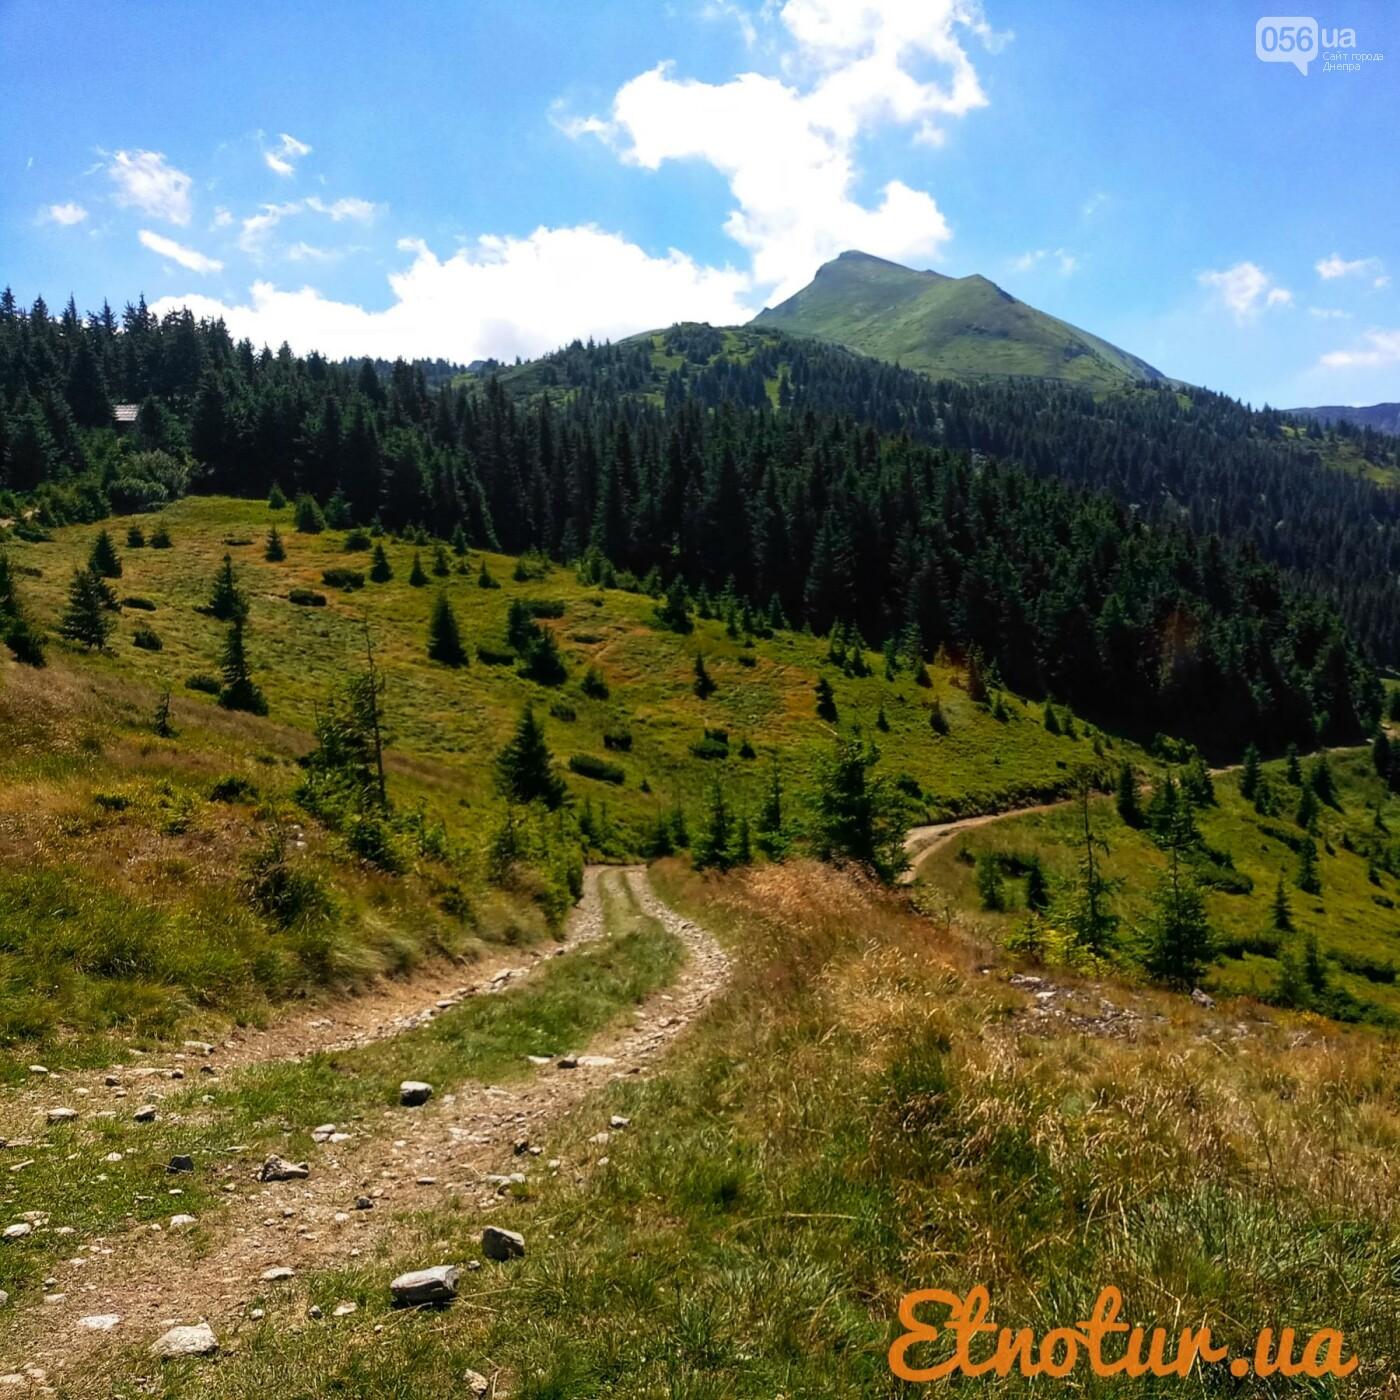 Отдых в Украине, Отдых в Карпатах, Тур в Карпаты